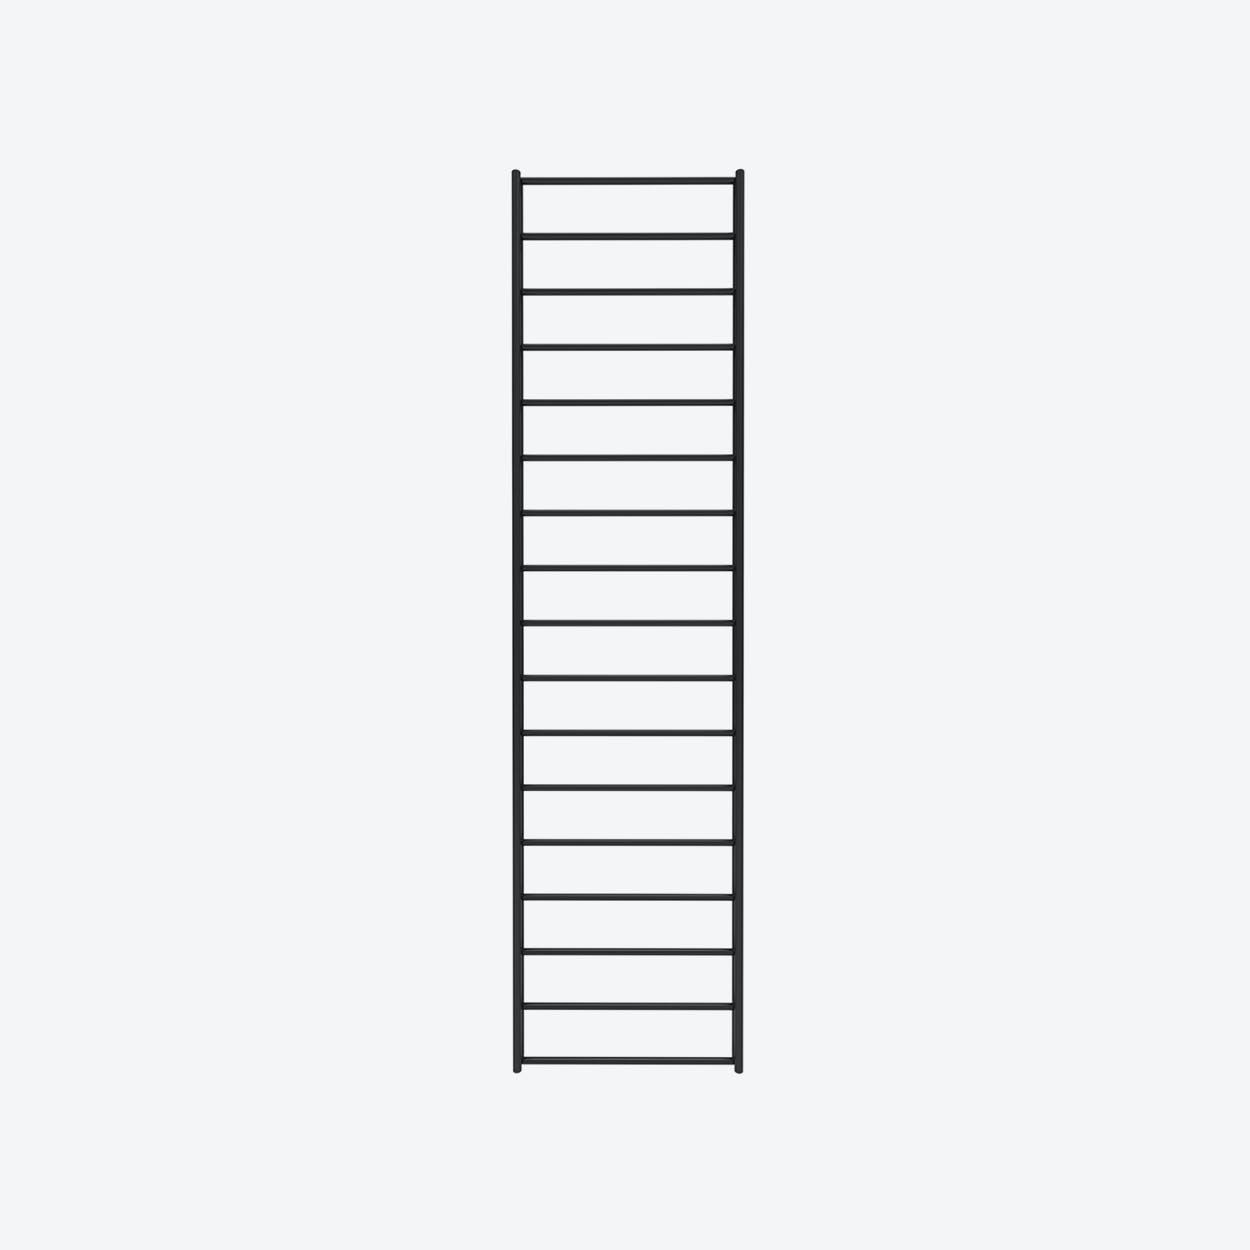 Fency Rack, 80x20 in Black